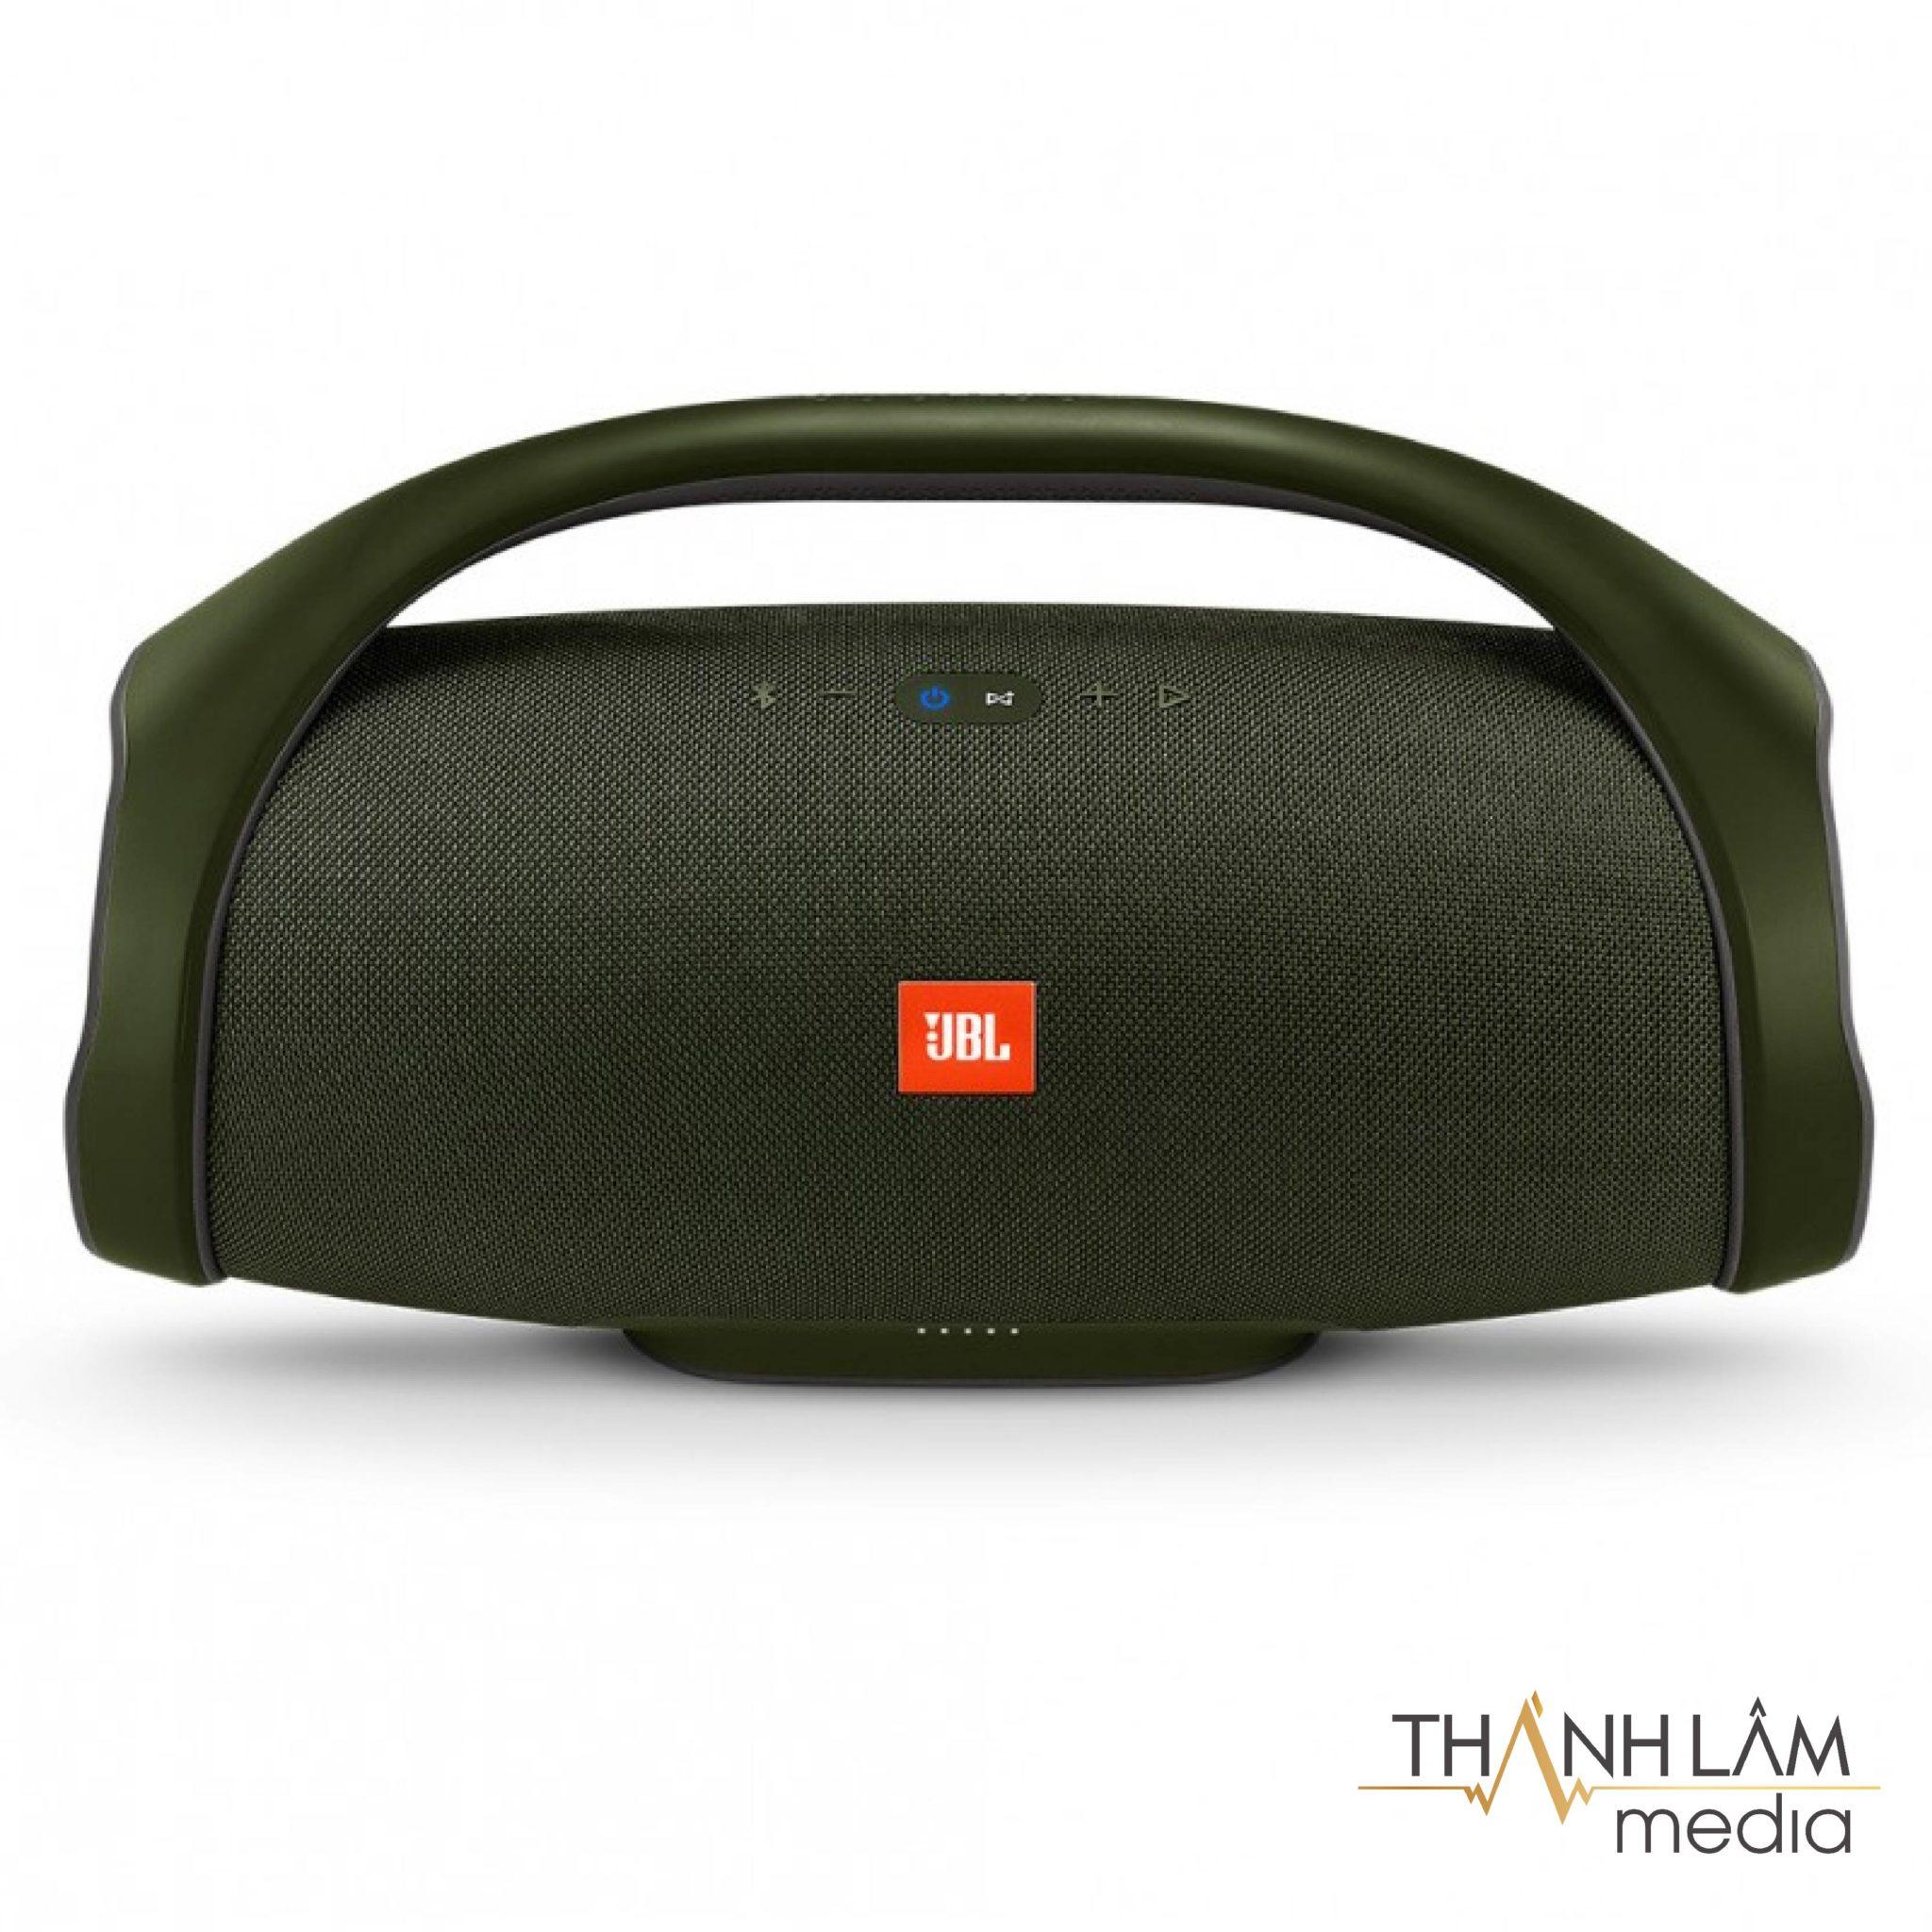 jbl-boombox-06